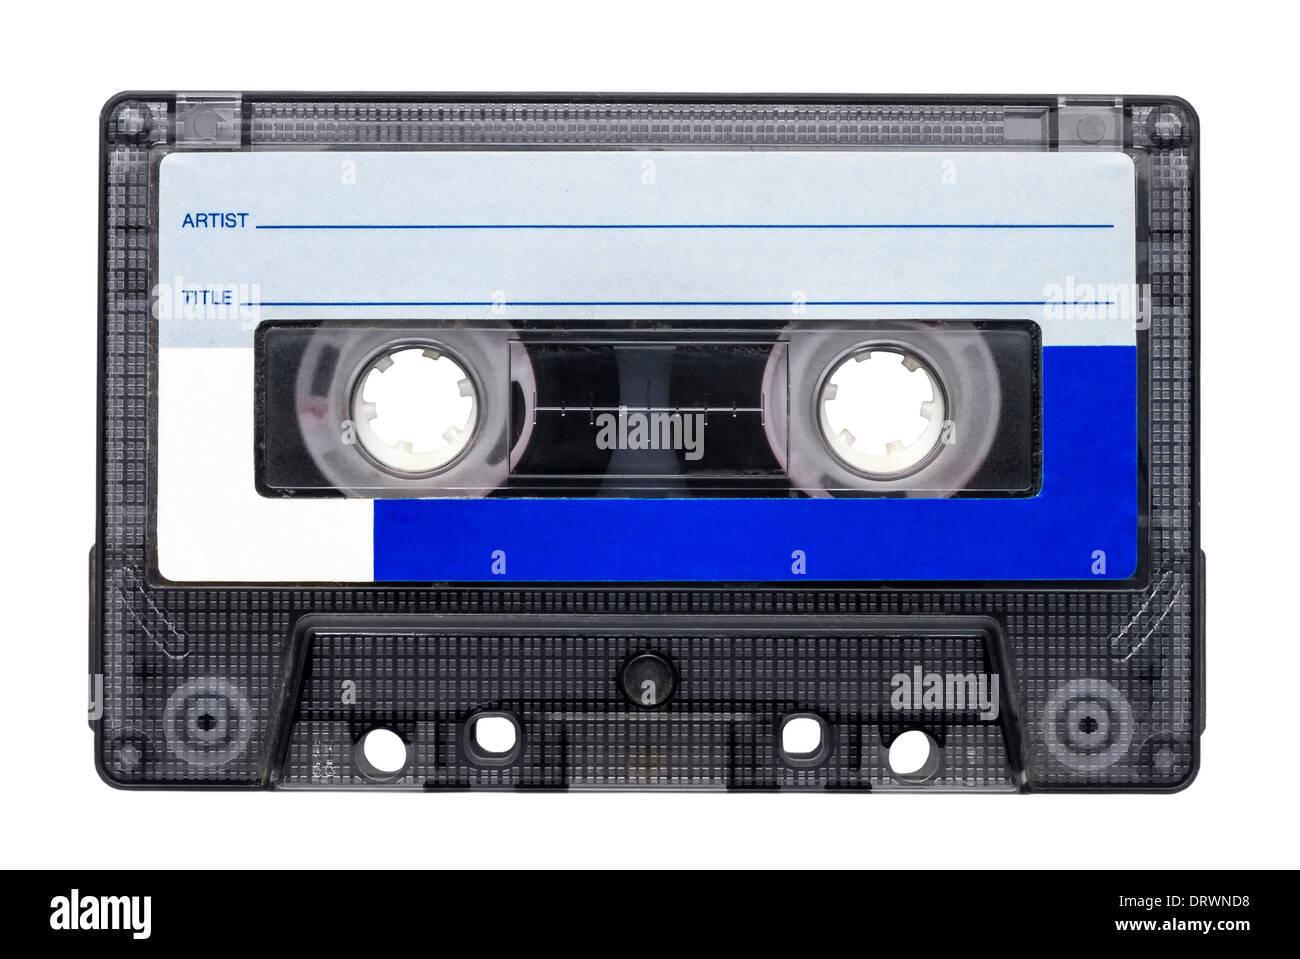 Magnetbandkassette für Audio-Musik-Aufnahme isoliert auf weißem Hintergrund. Stockbild